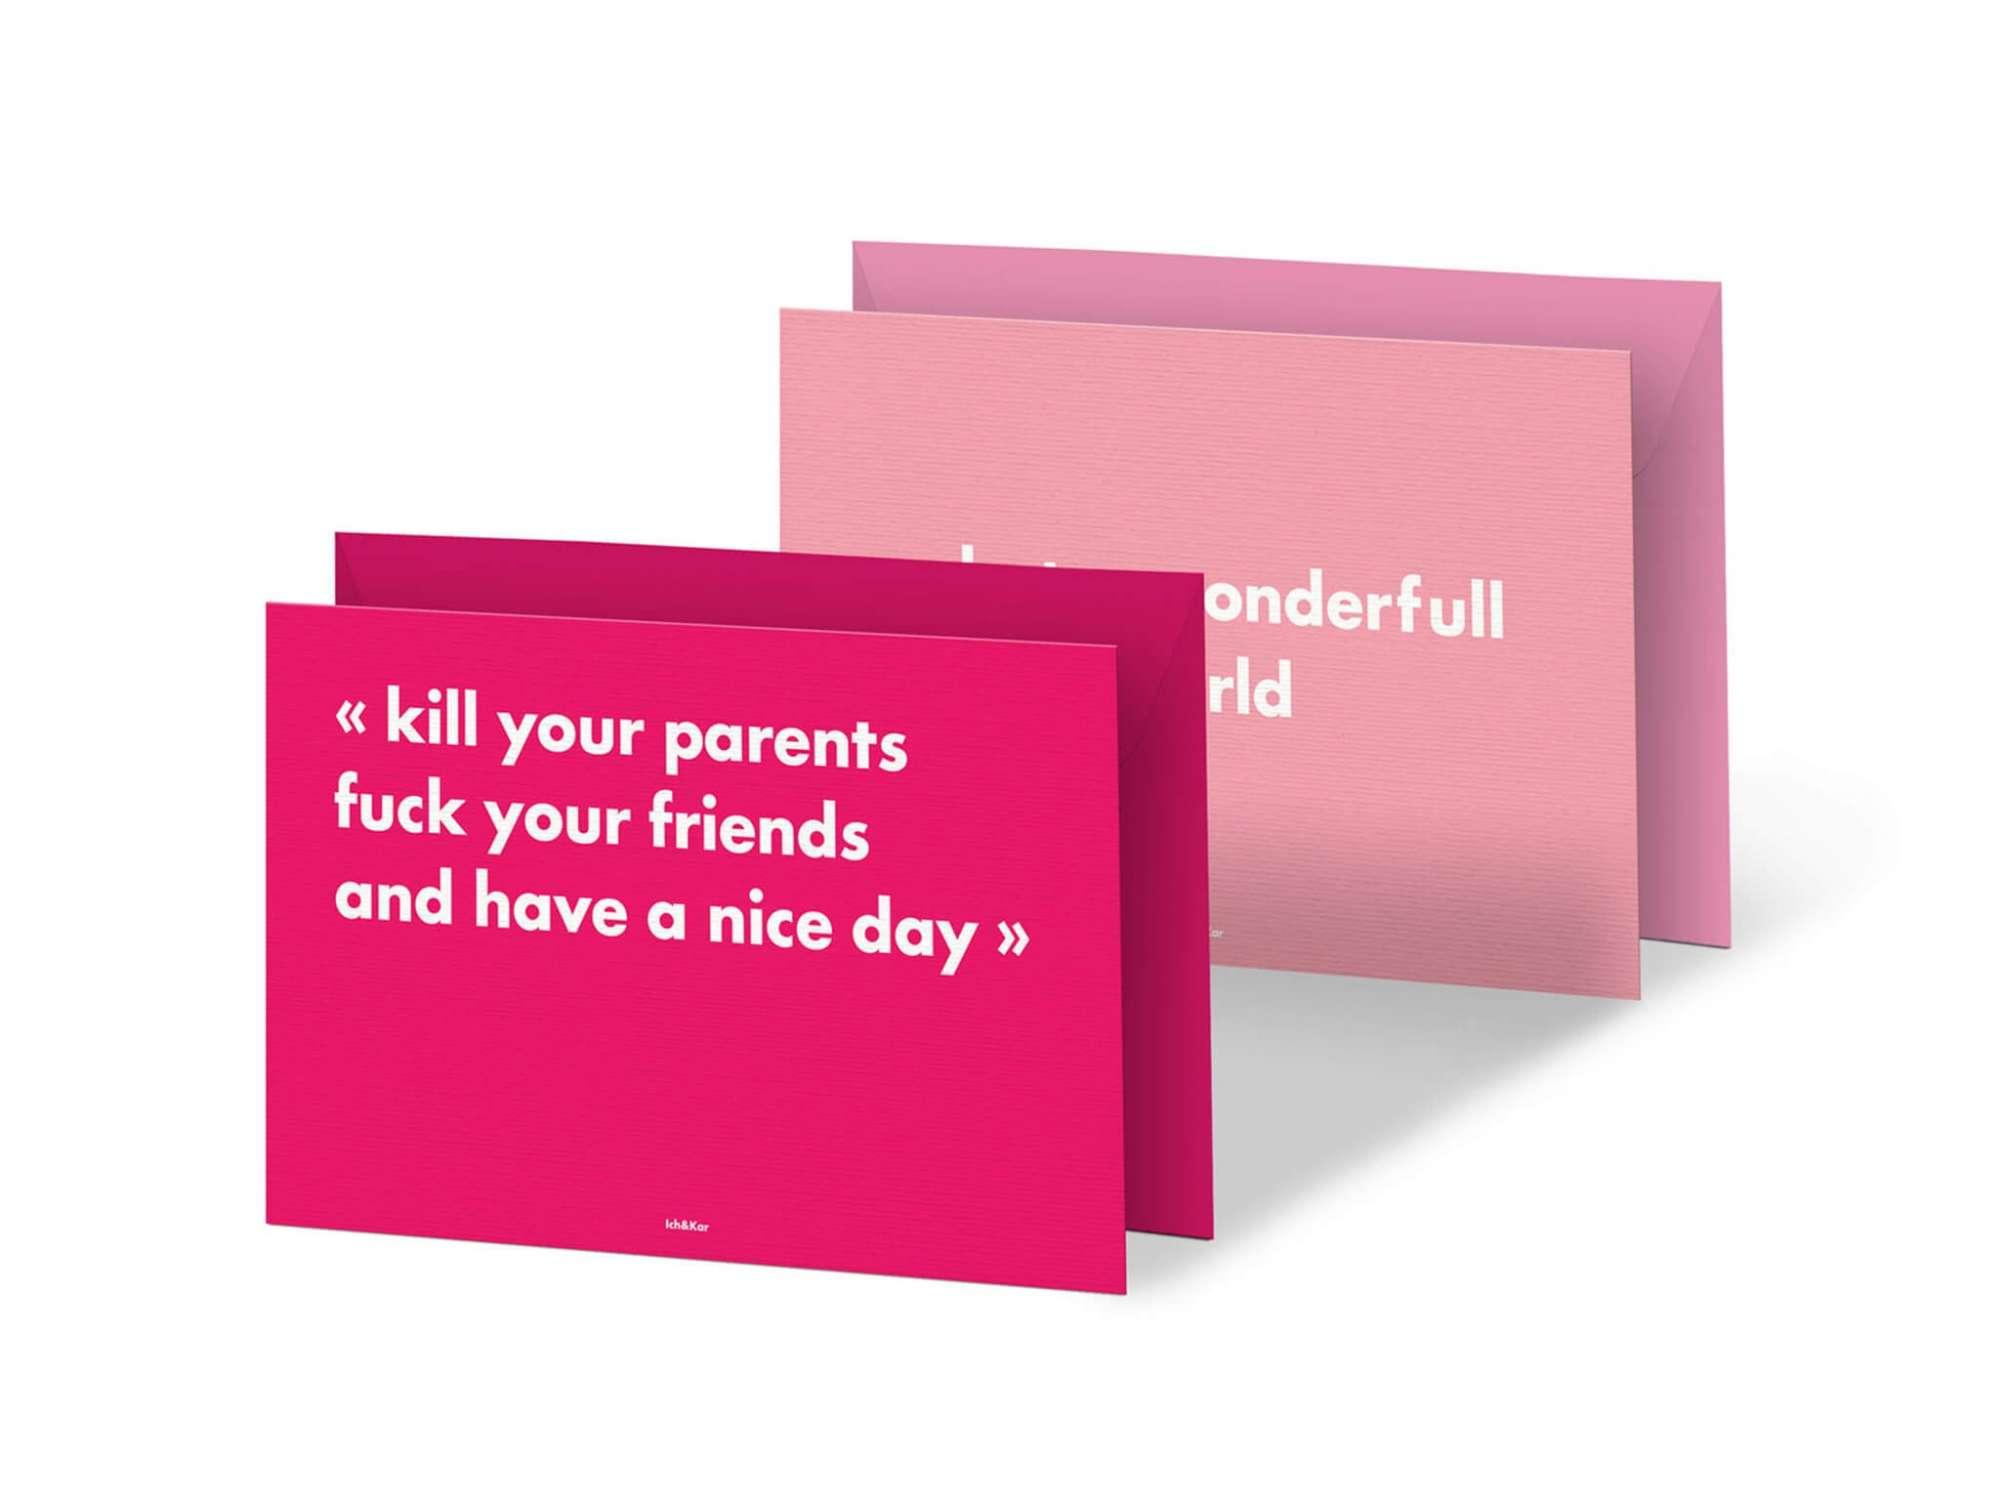 pink passion ! duo de cartes postales  typo roses, ornées des punchlines de la collection rsvp par Ichetkar